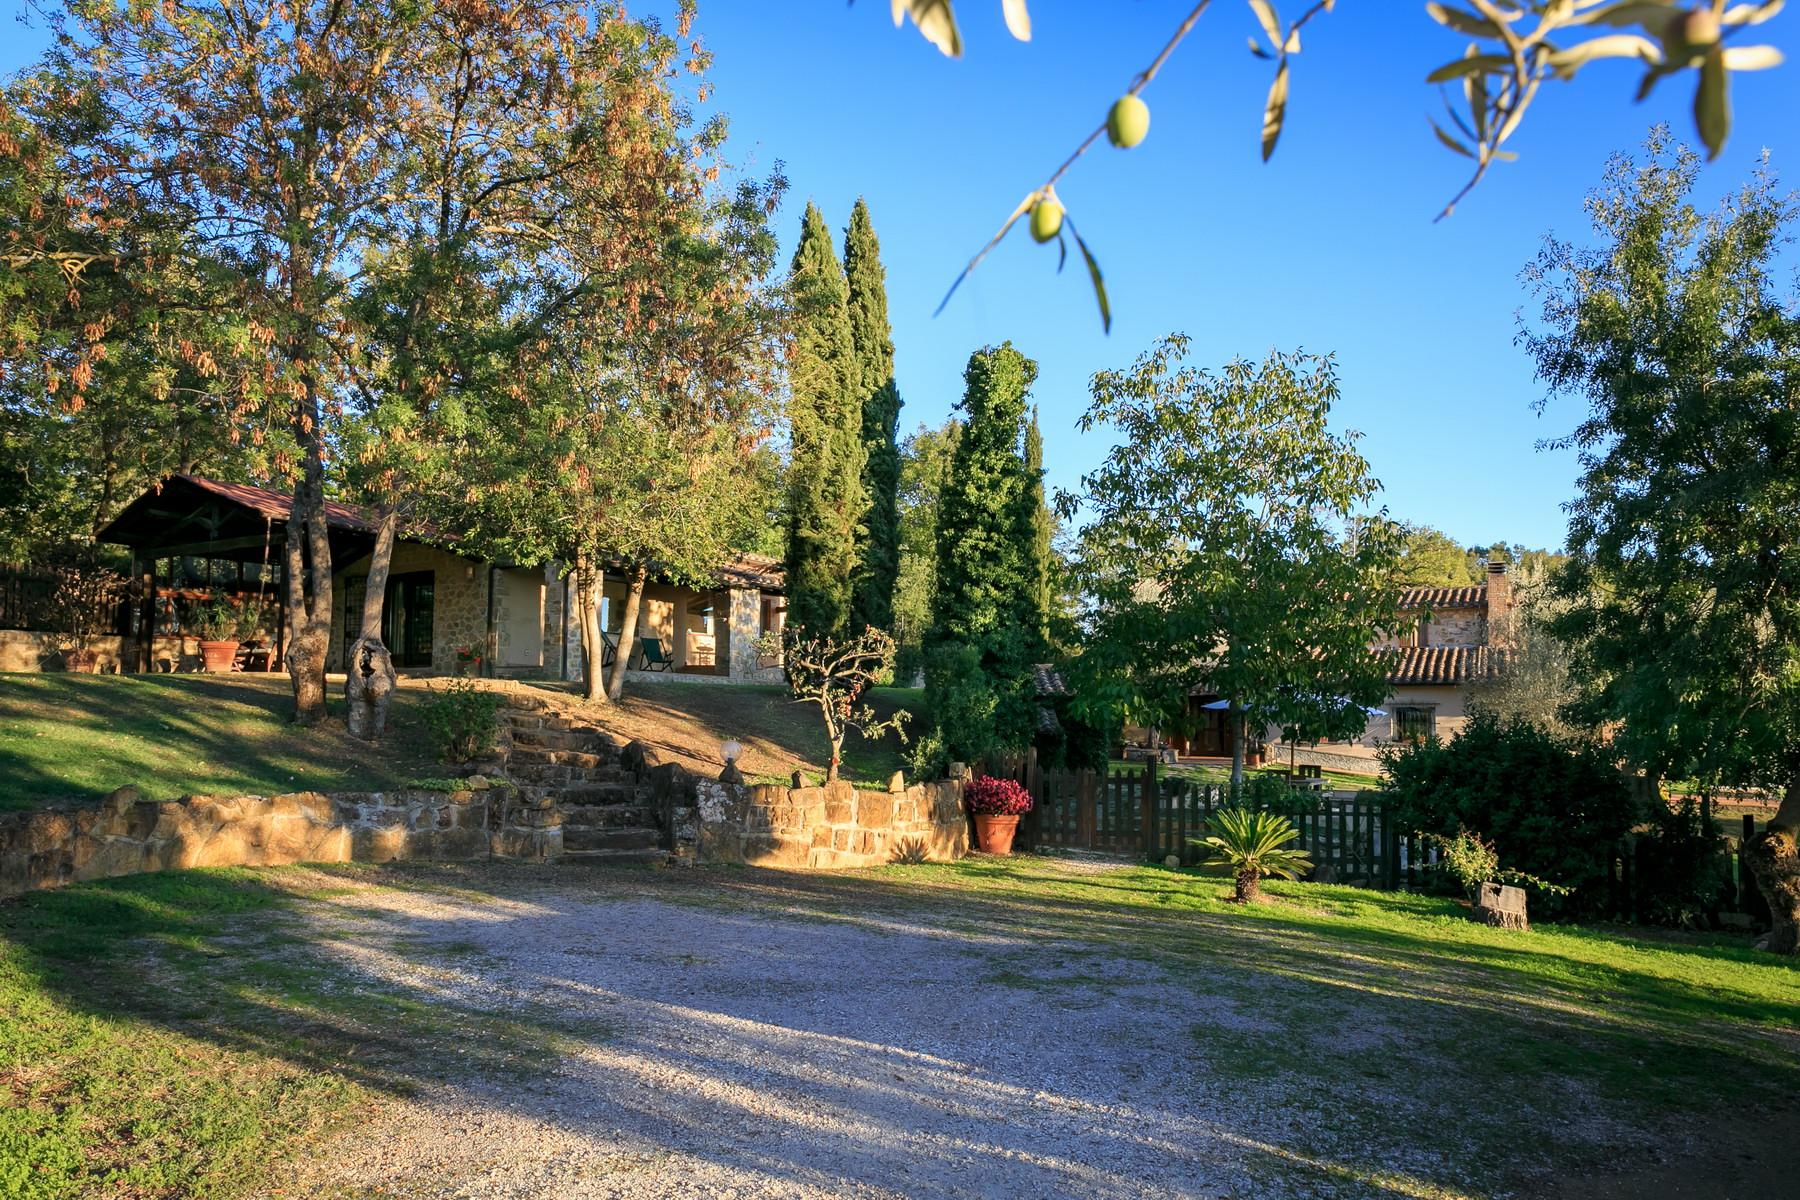 Rustico in Vendita a Manciano: 5 locali, 247 mq - Foto 4